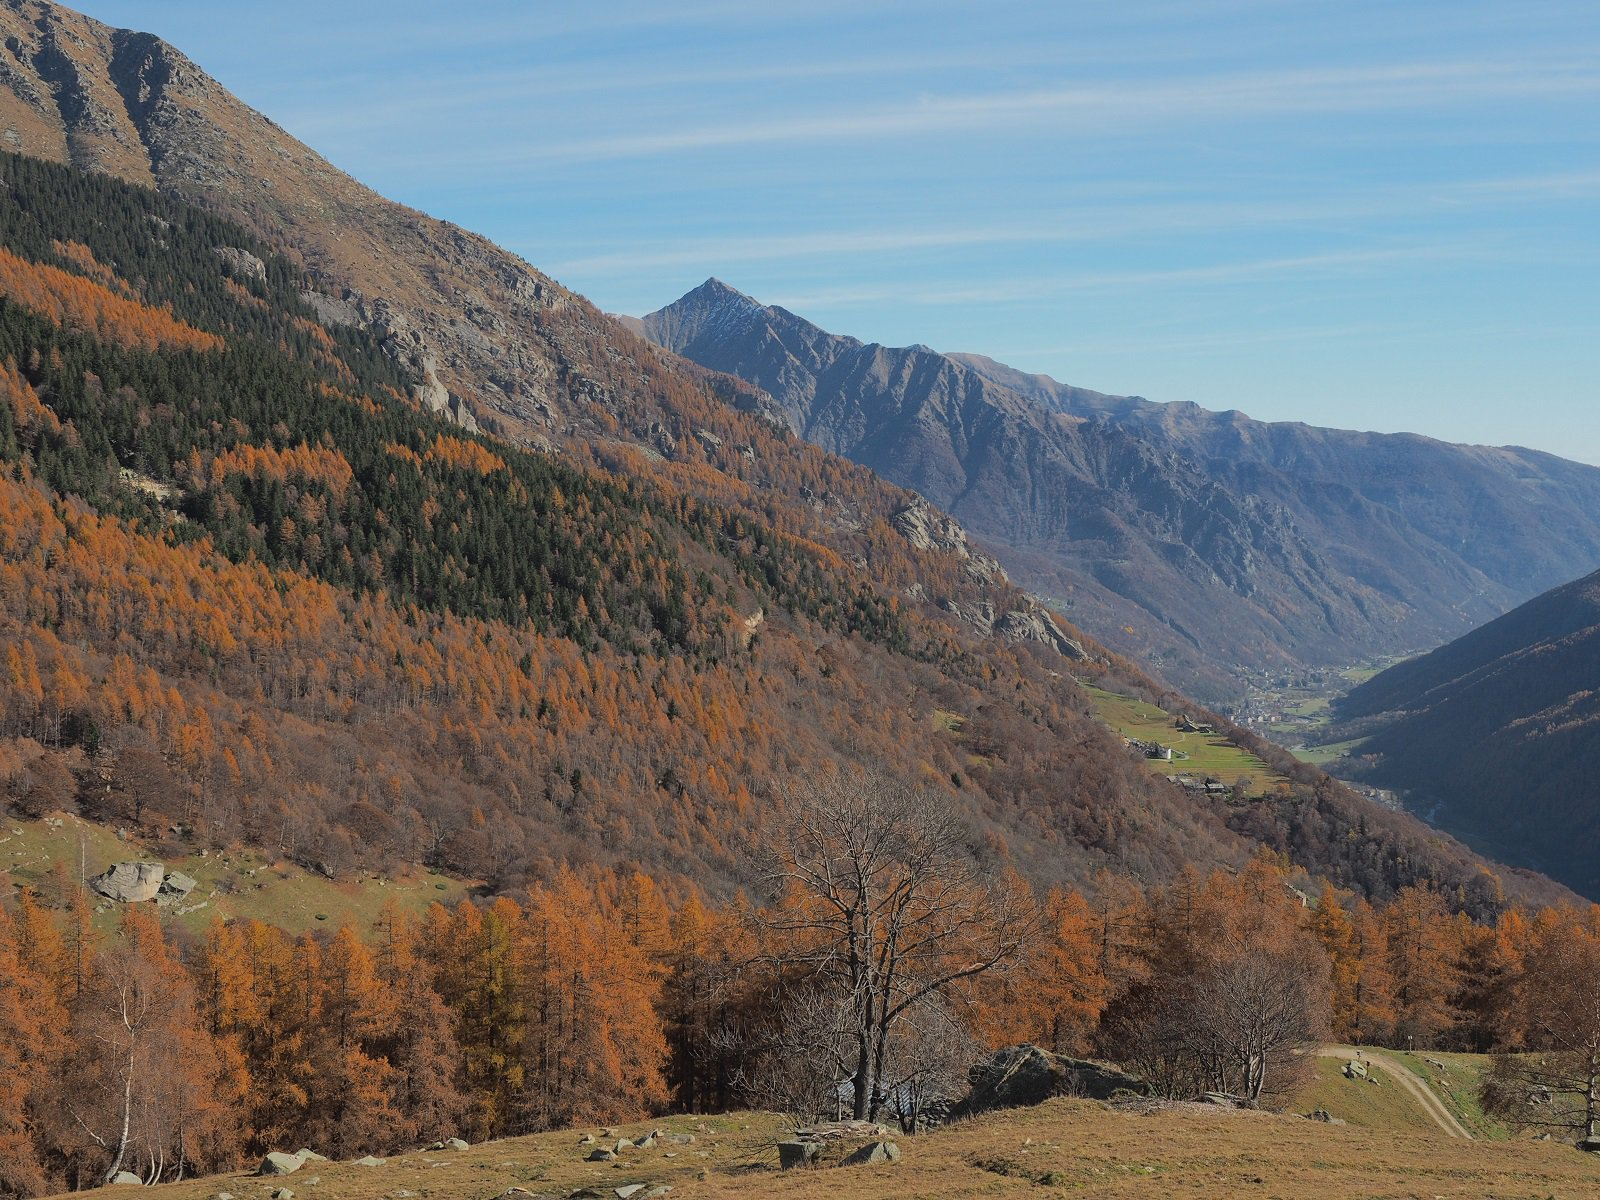 Uno sguardo verso la valle principale, con i boschi dai colori autunnali.